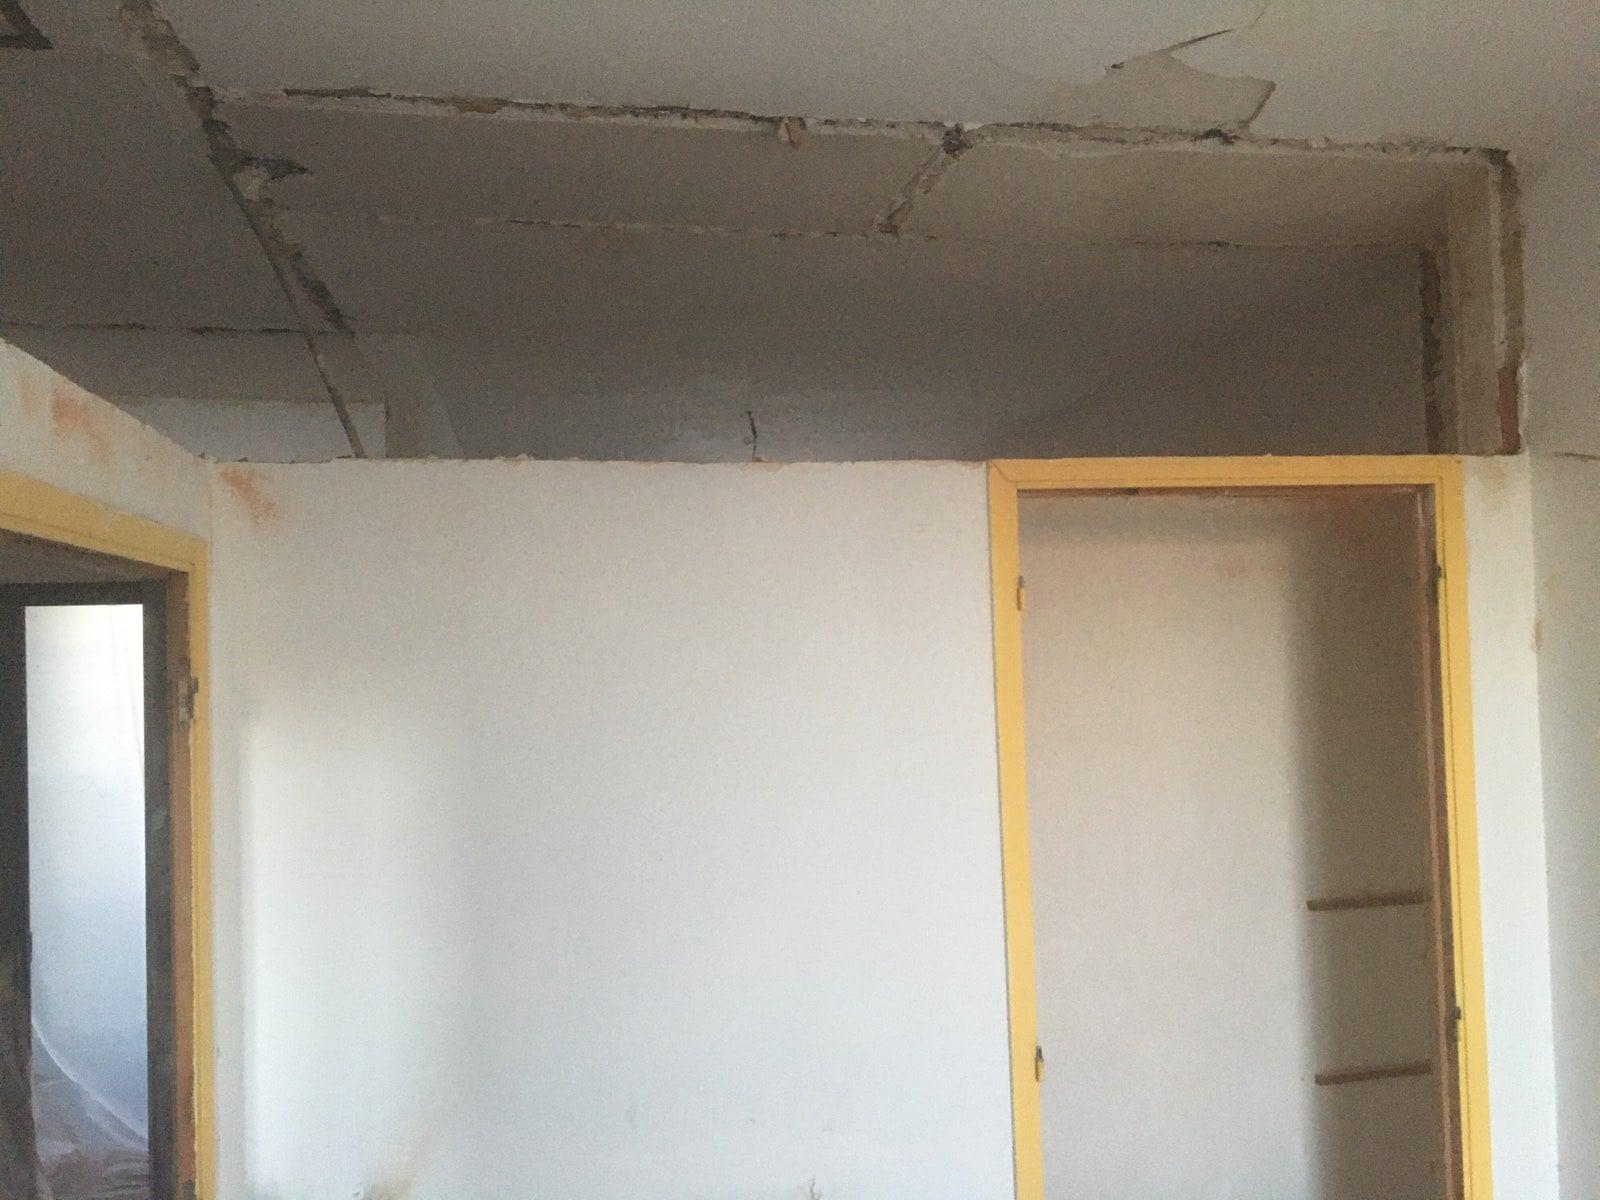 Création d'une mezzanine sur mesure en métal à Cagnes-sur-Mer - Mezzanine